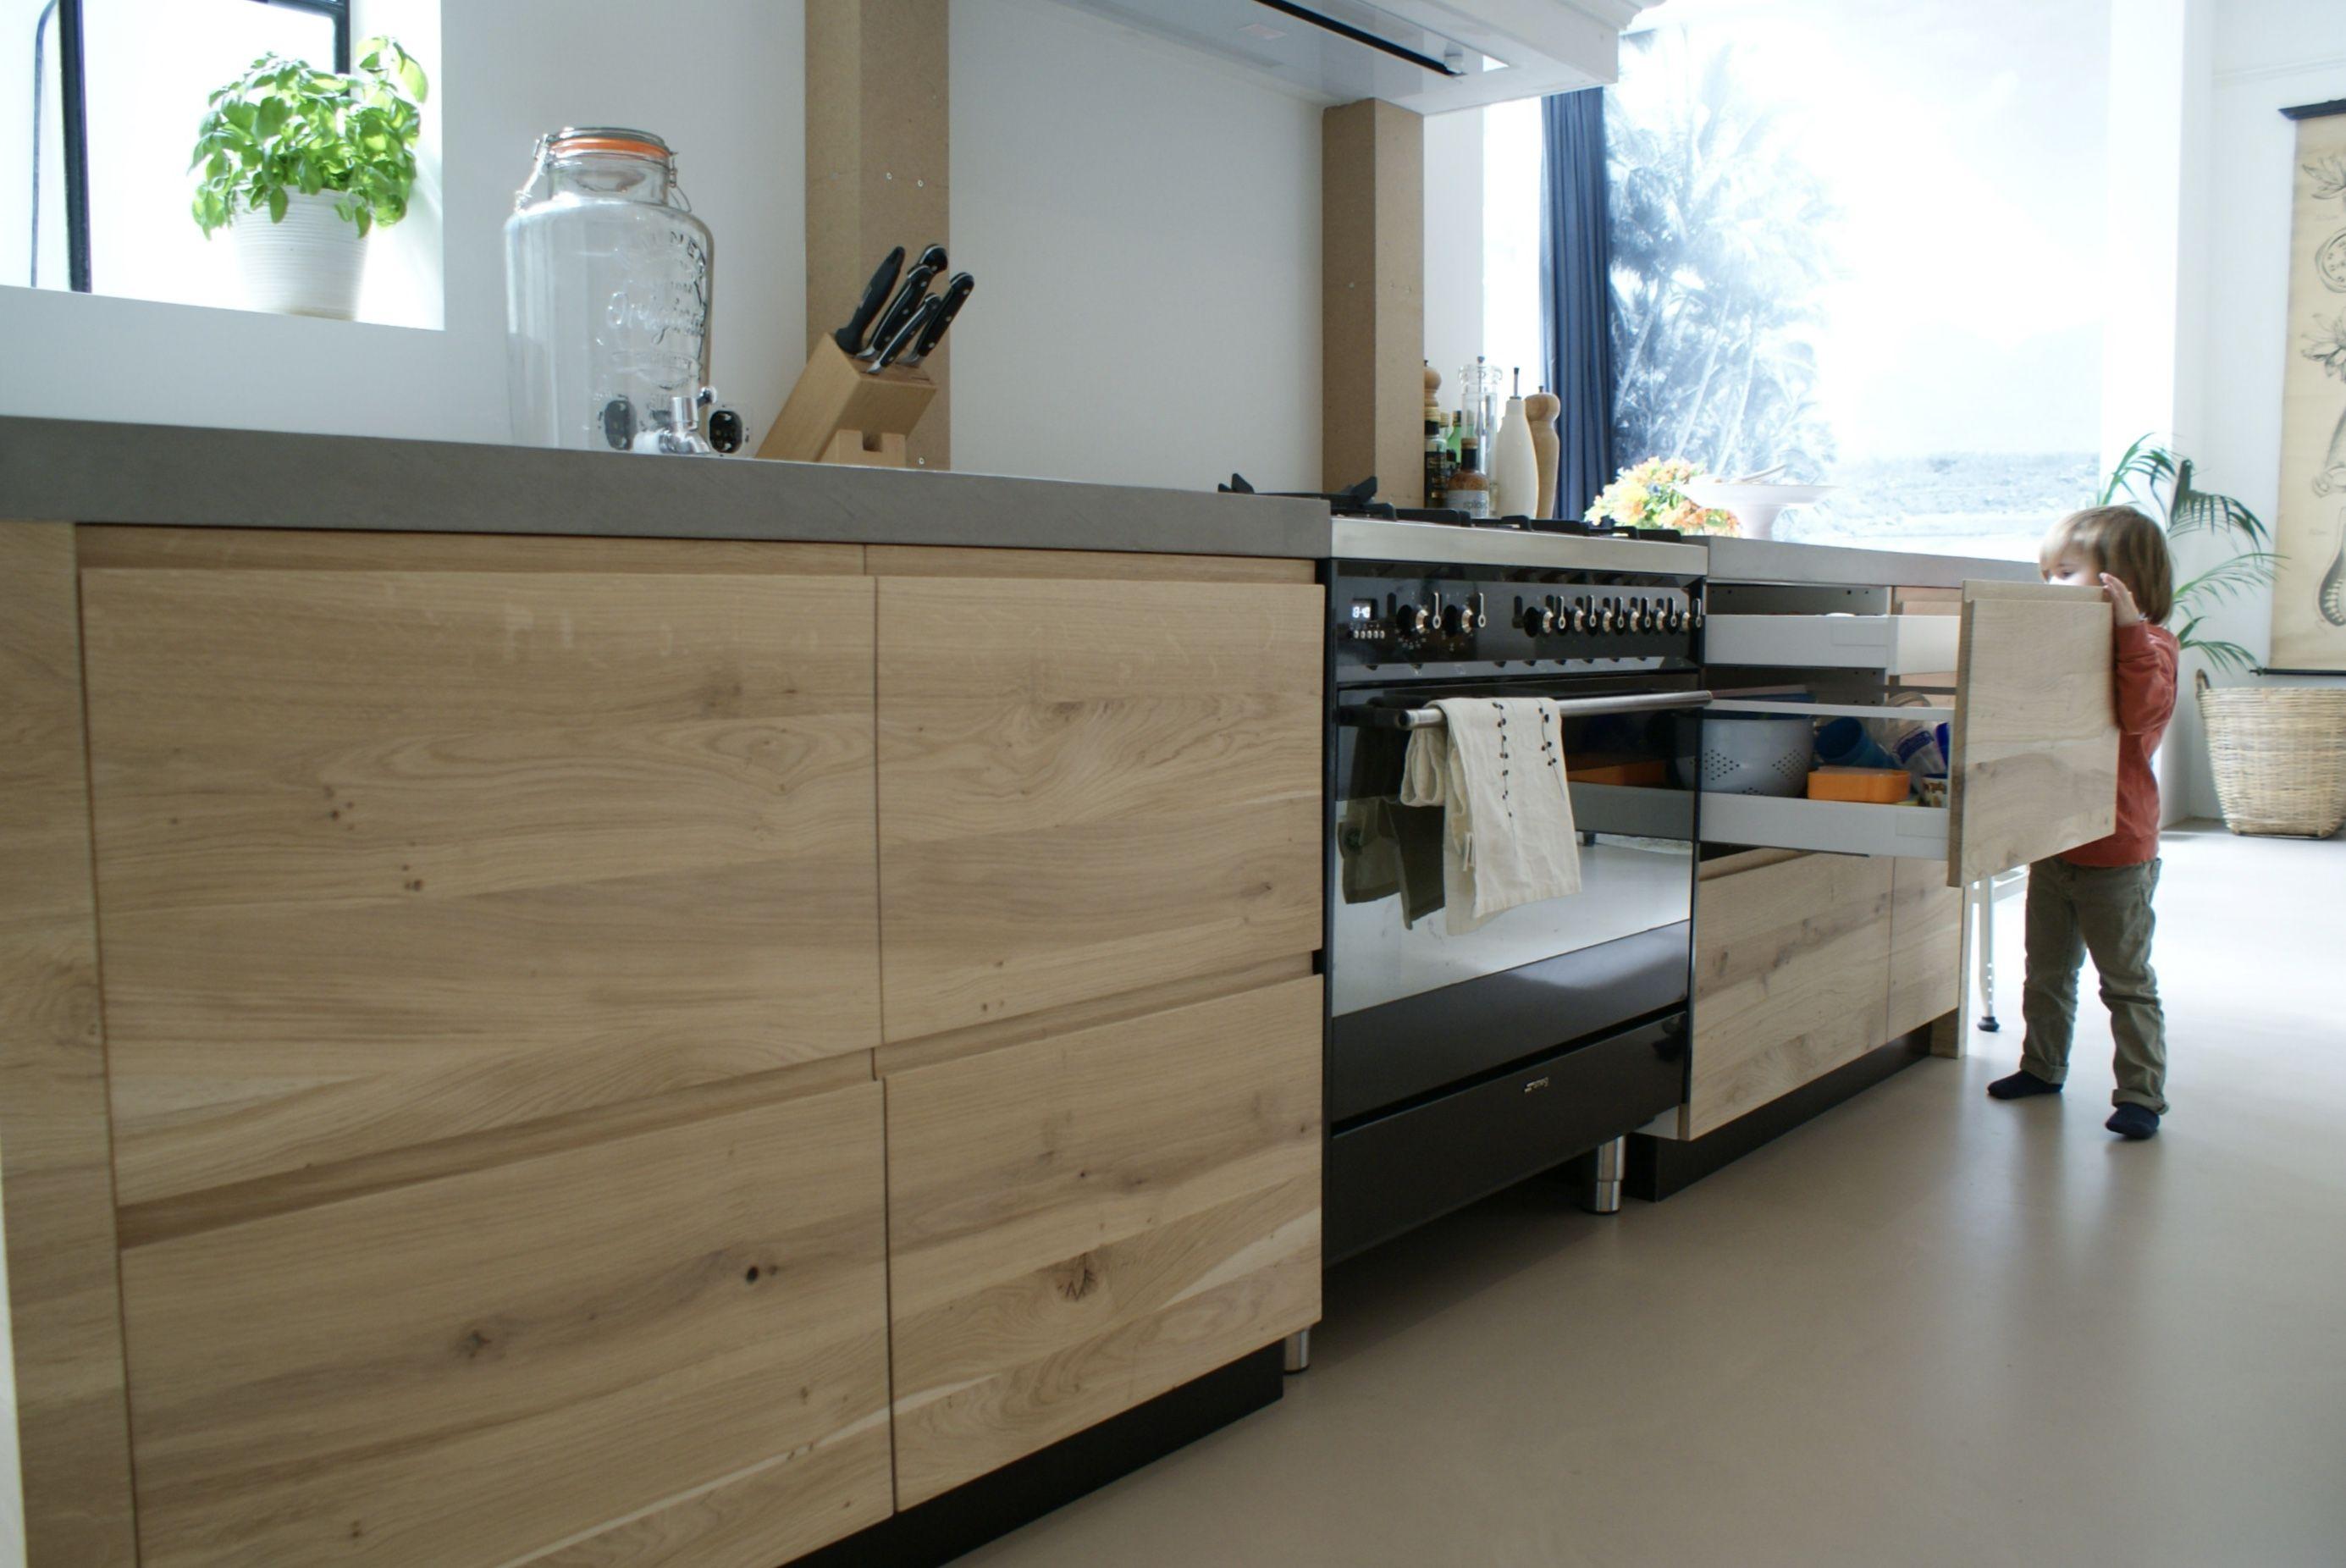 Greeploos Ikea Keuken : Ikea keuken karkas aangekleed door frontz! massief eikenhouten